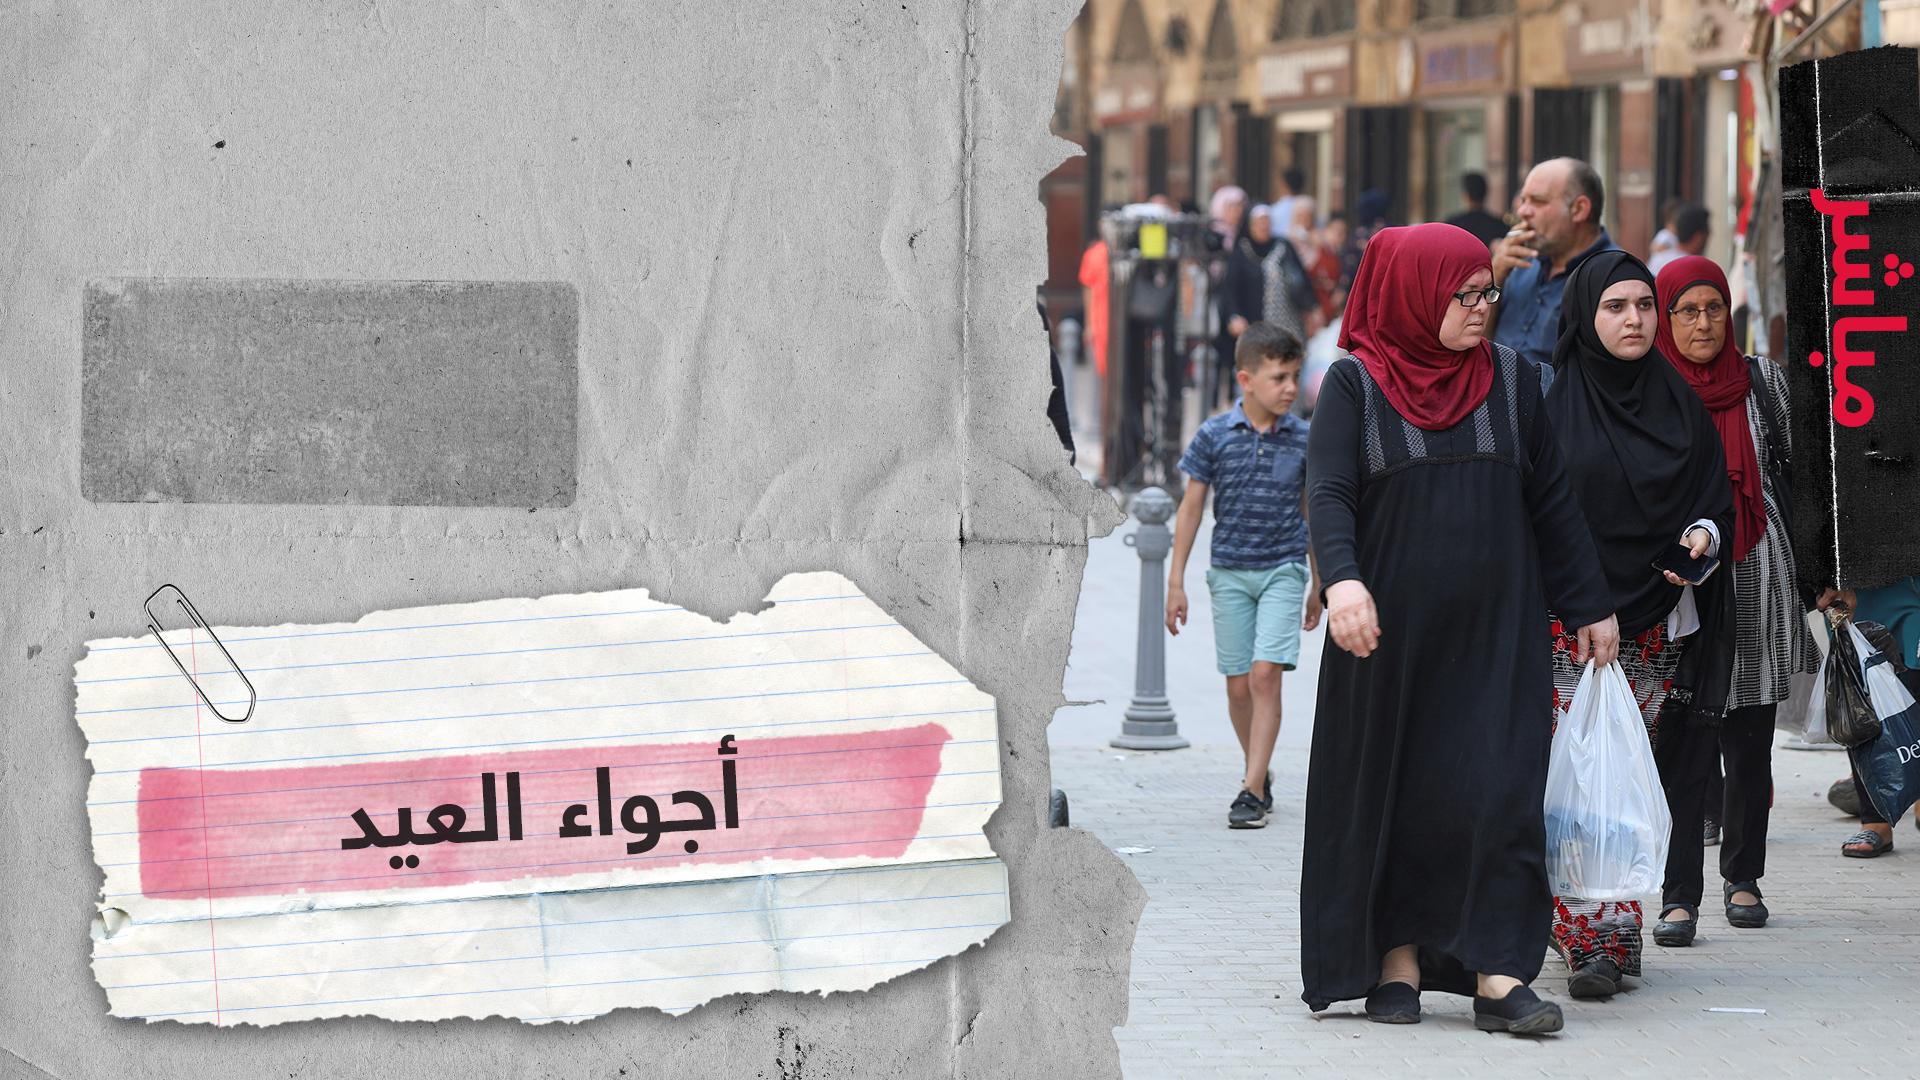 عيد الأضحى في زمن كورونا كيف تحتفل به الدول العربية؟